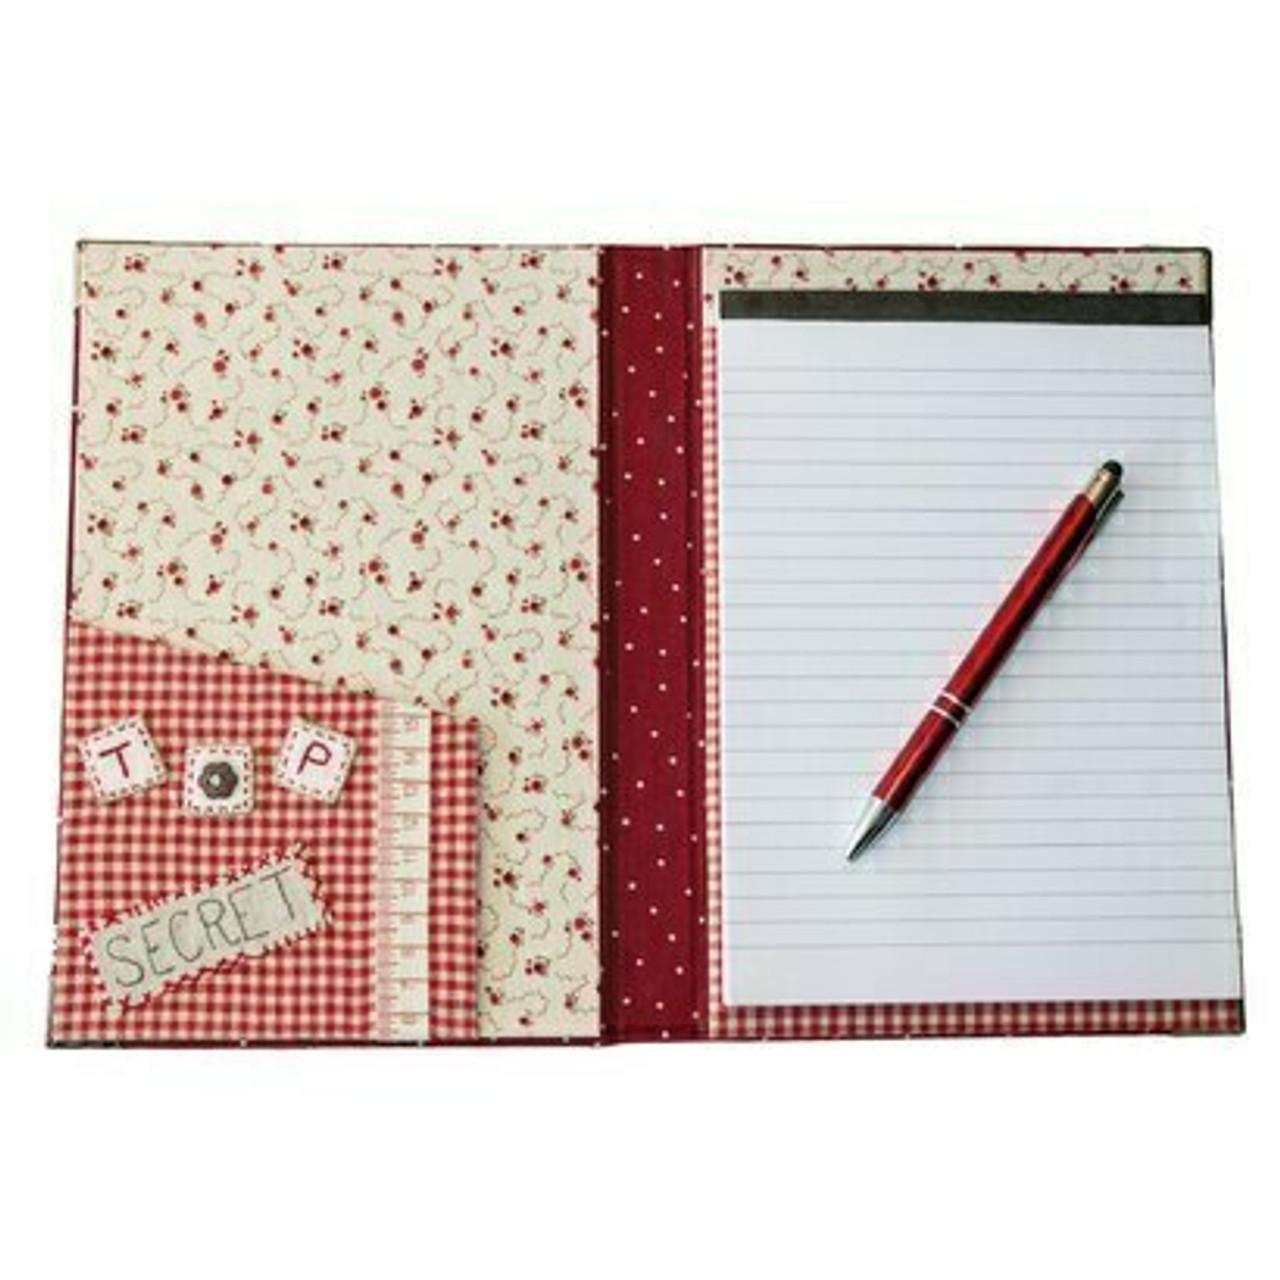 Rinske Stevens Designs: Large Notebook A5